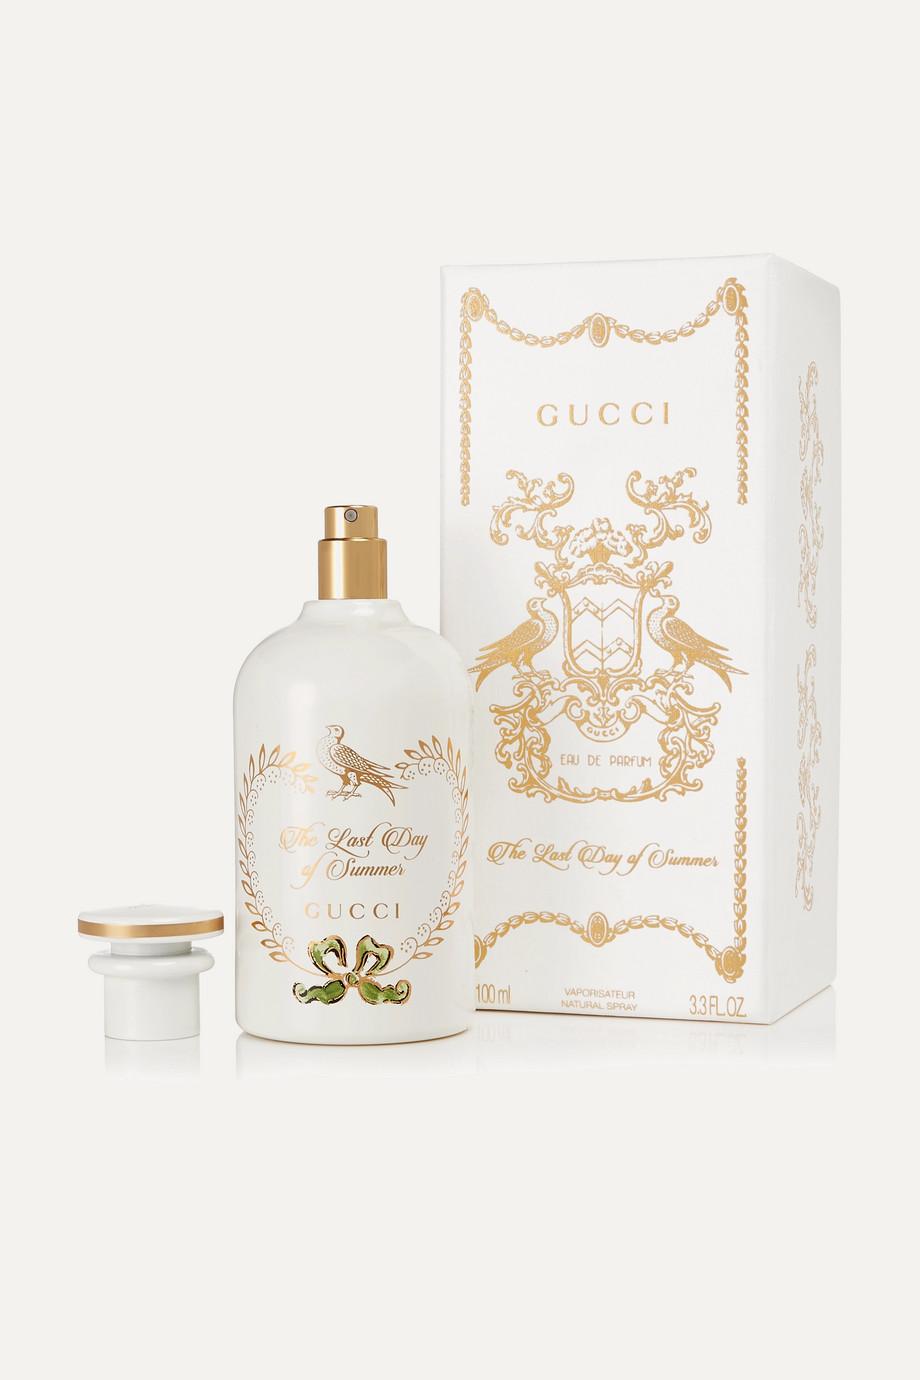 Gucci Beauty Gucci: The Alchemist's Garden - The Last Day of Summer Eau de Parfum, 100ml